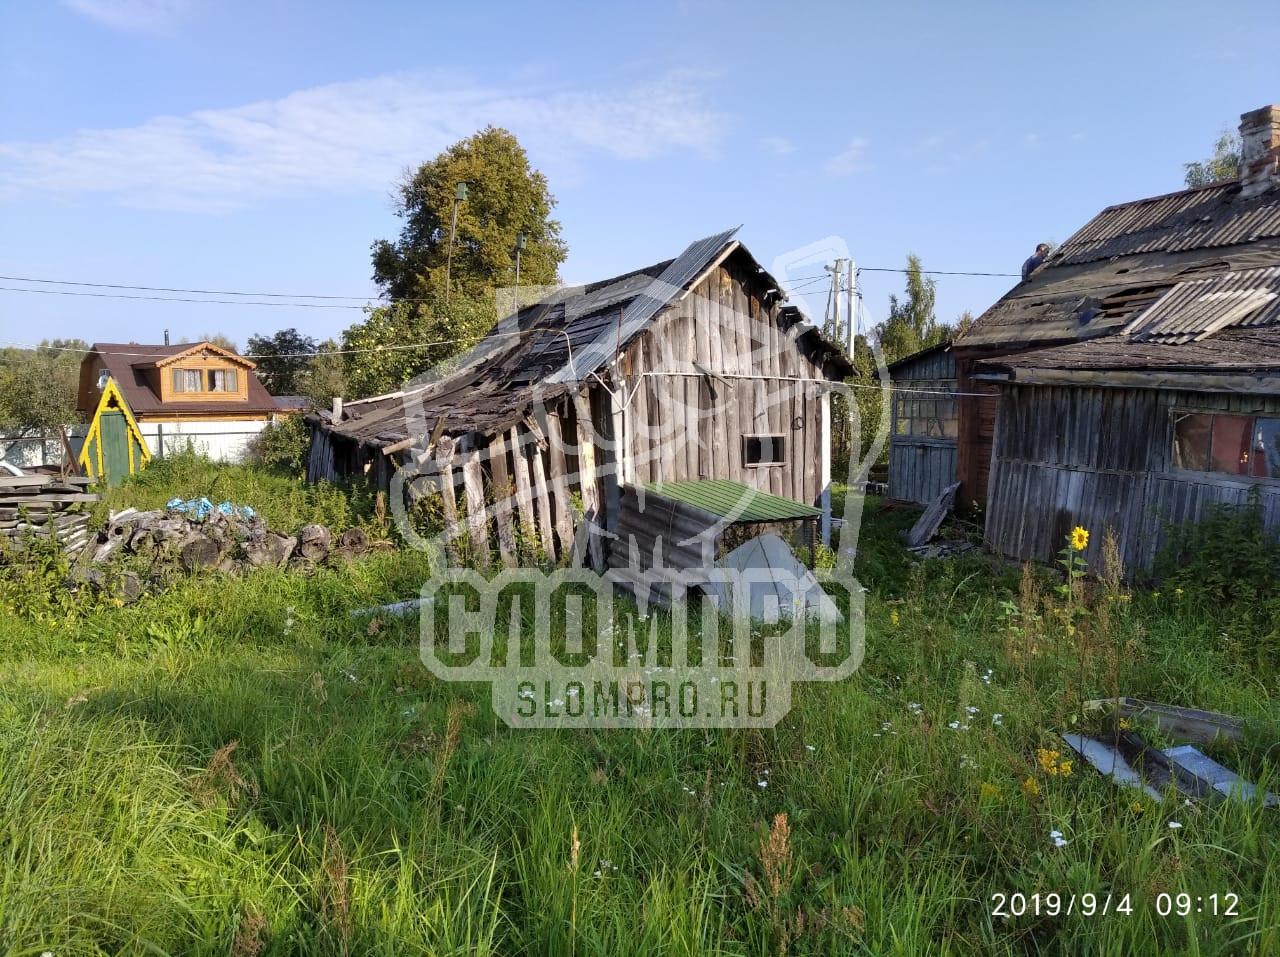 Начало демонтажных работ на болььшом деревянном доме